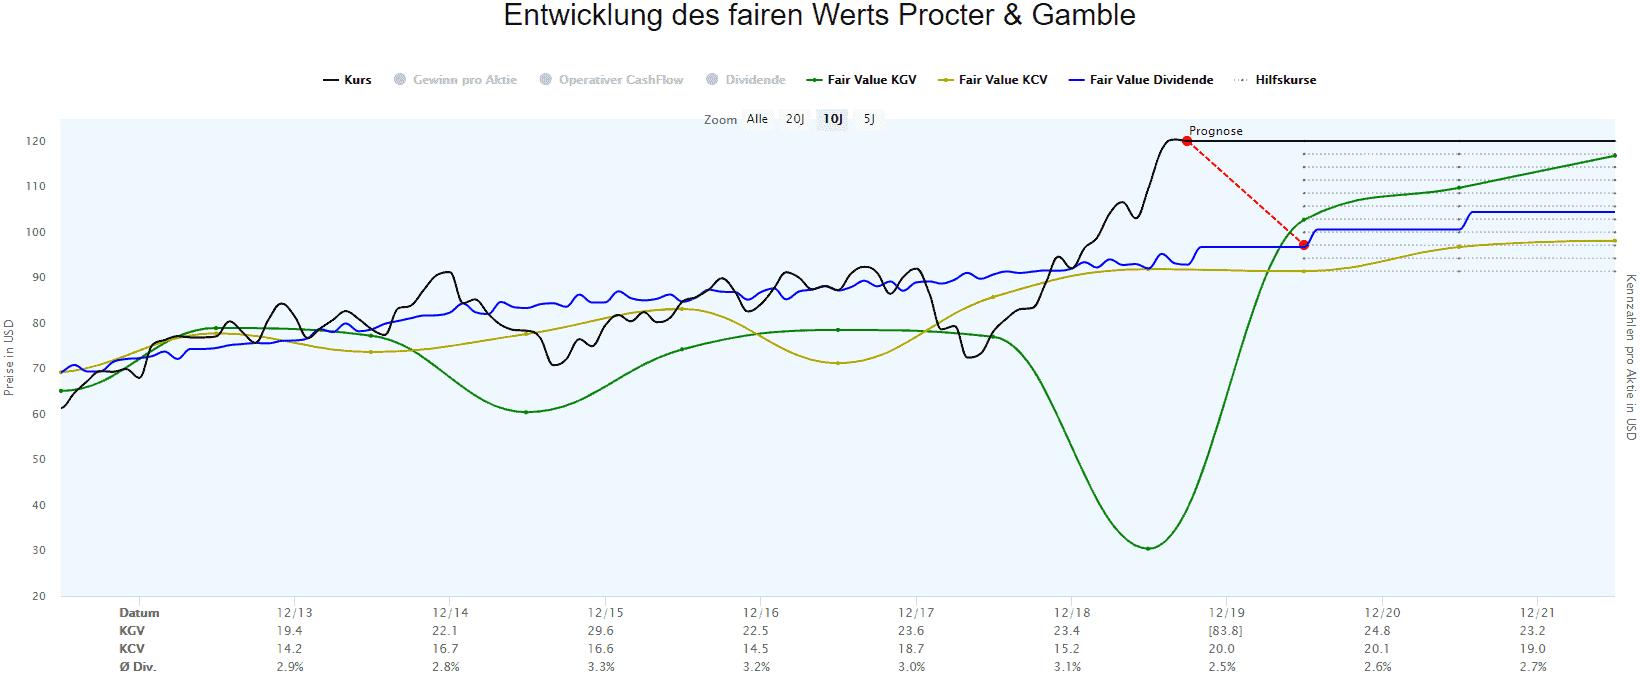 Berechnungen des fairen Werts der Aktie von Procter und Gamble